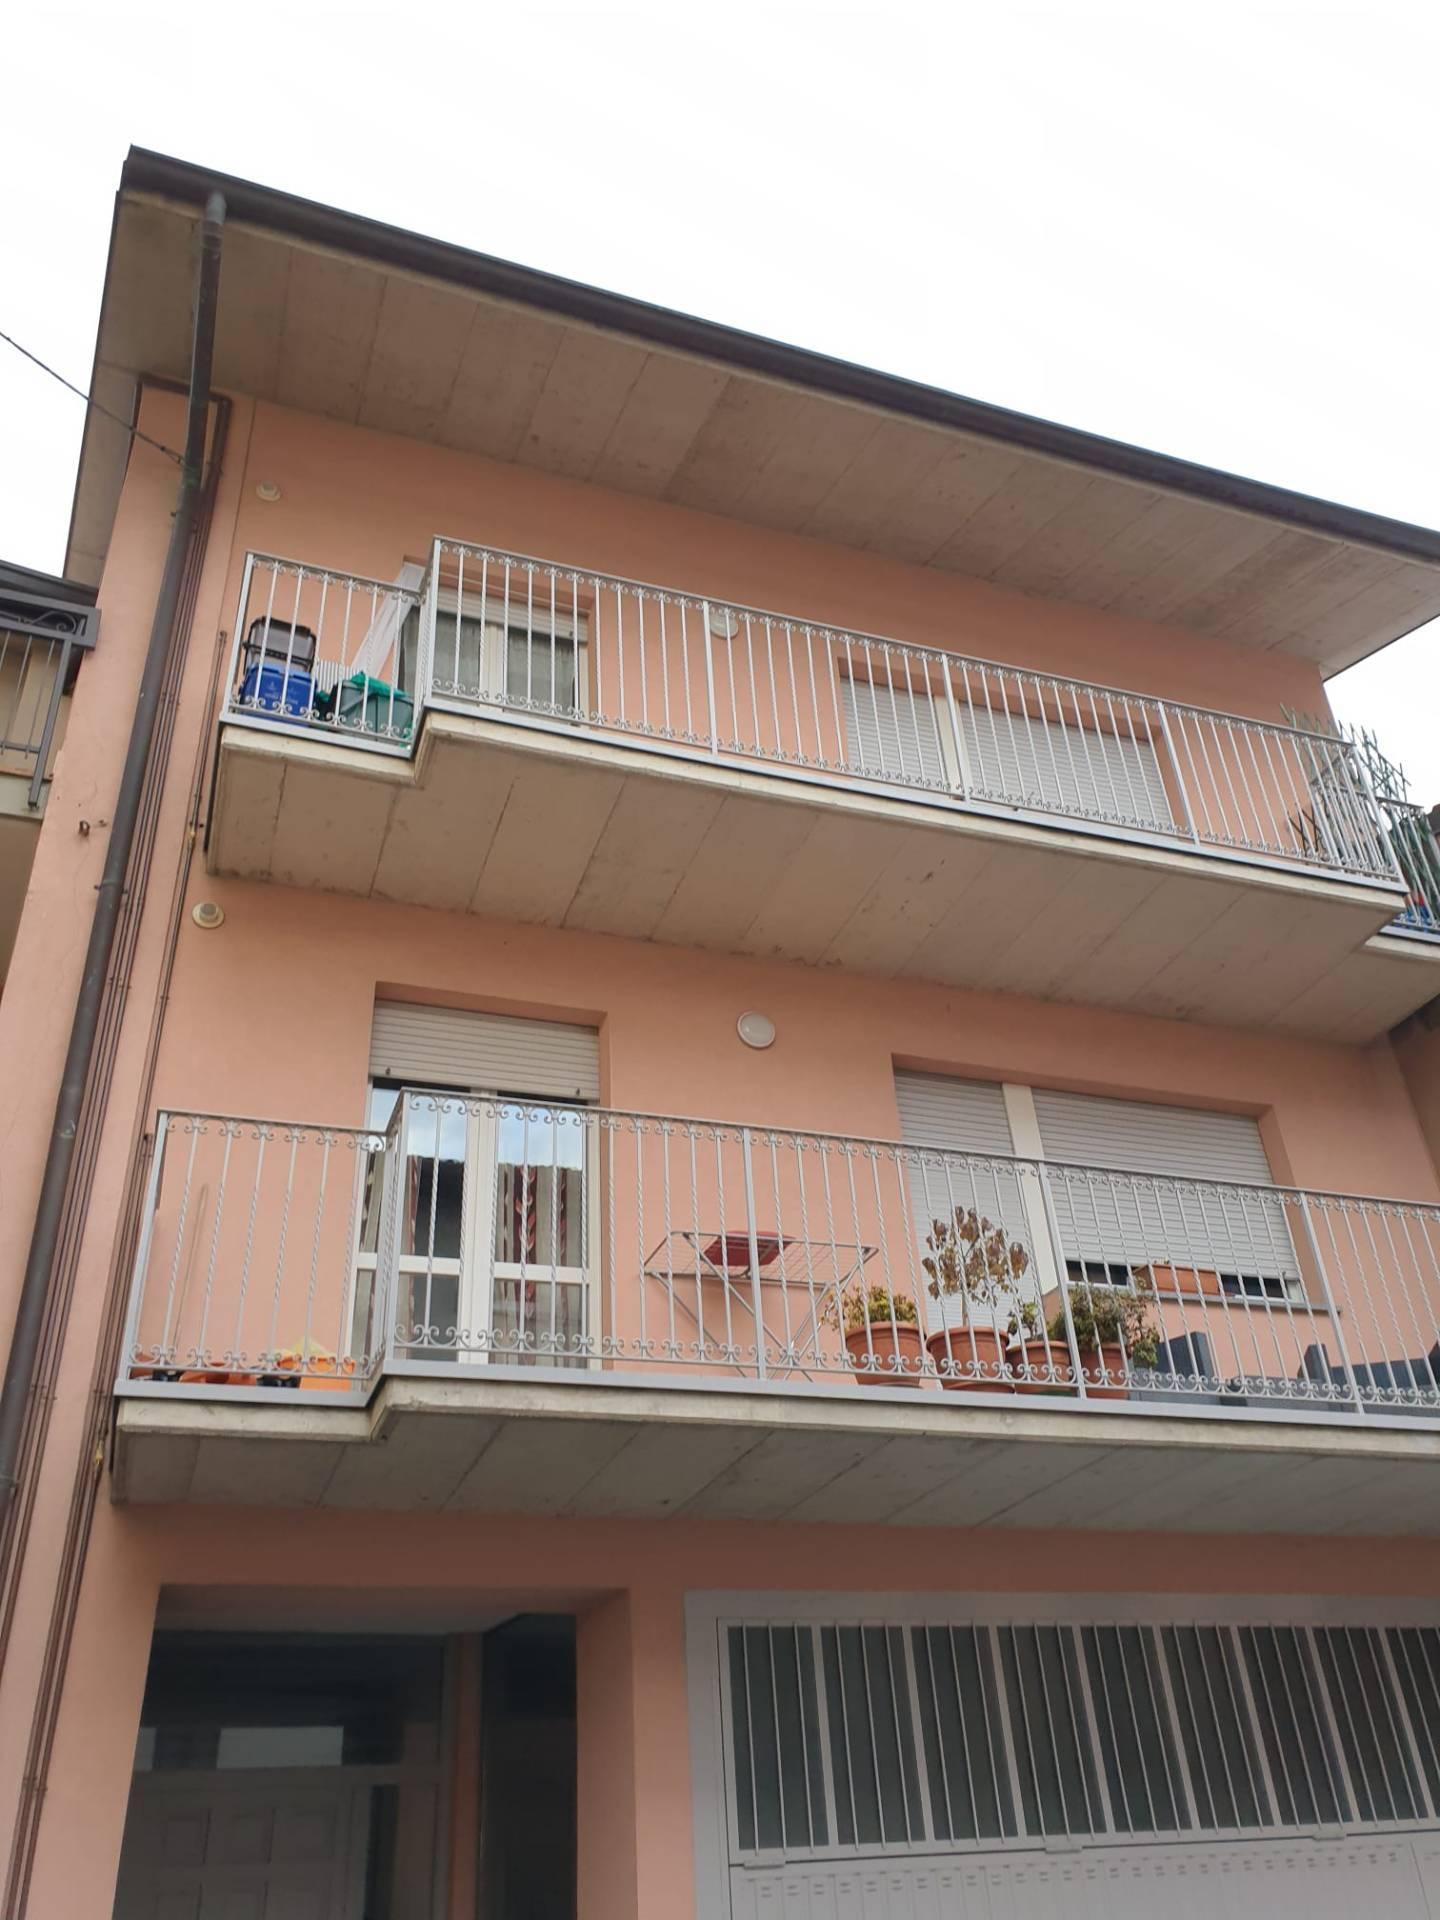 Appartamento in affitto a Zogno, 2 locali, zona Zona: Ambria, prezzo € 5.400 | CambioCasa.it